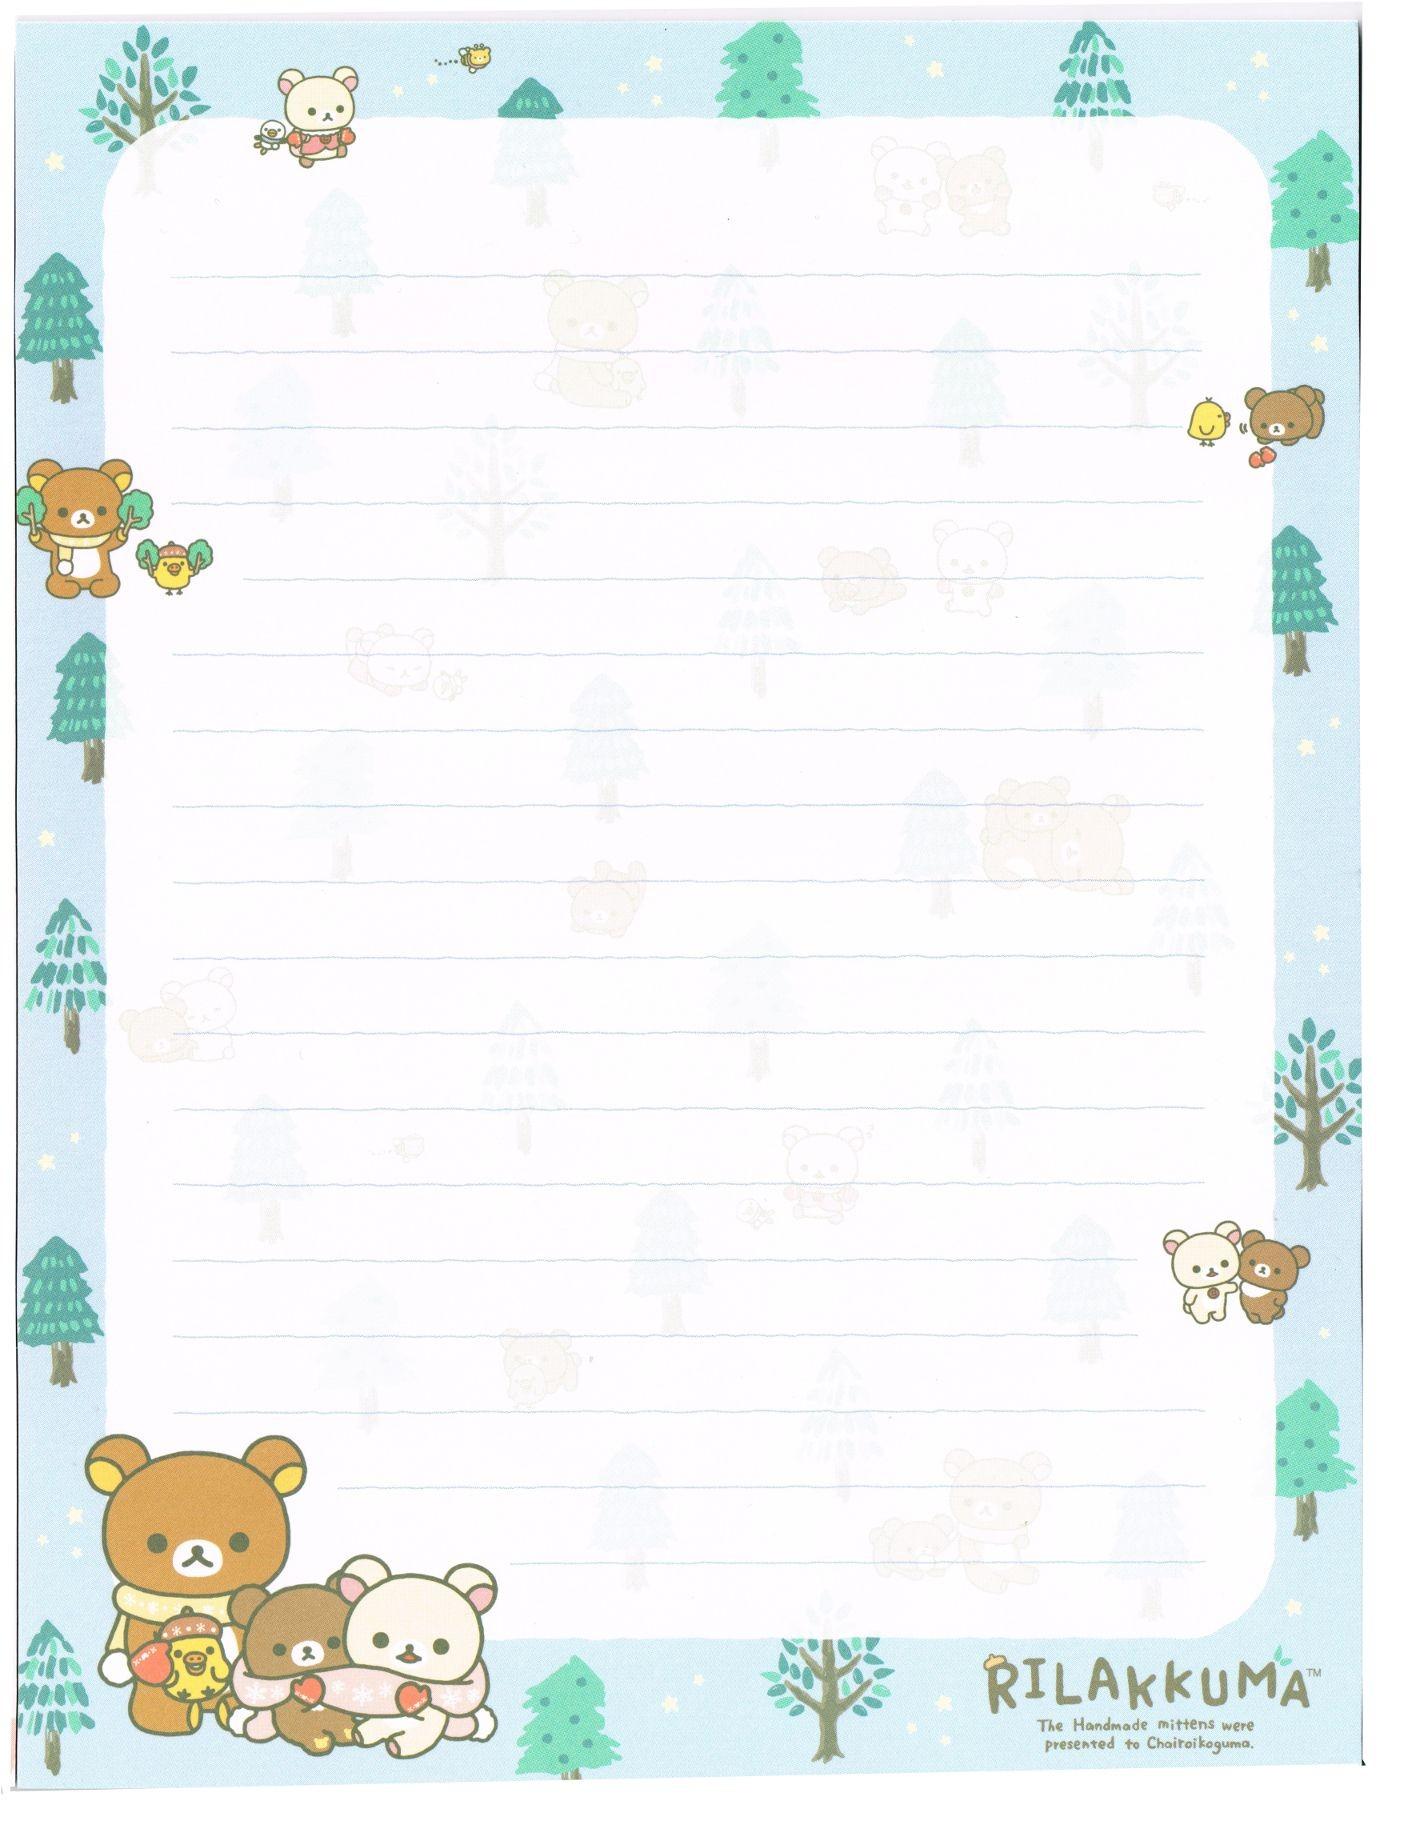 Calendario 2019 Para Imprimir Kawaii Mejores Y Más Novedosos Free Printable Winter nordic forest Writing Memo Pad Sheet Rilakkuma